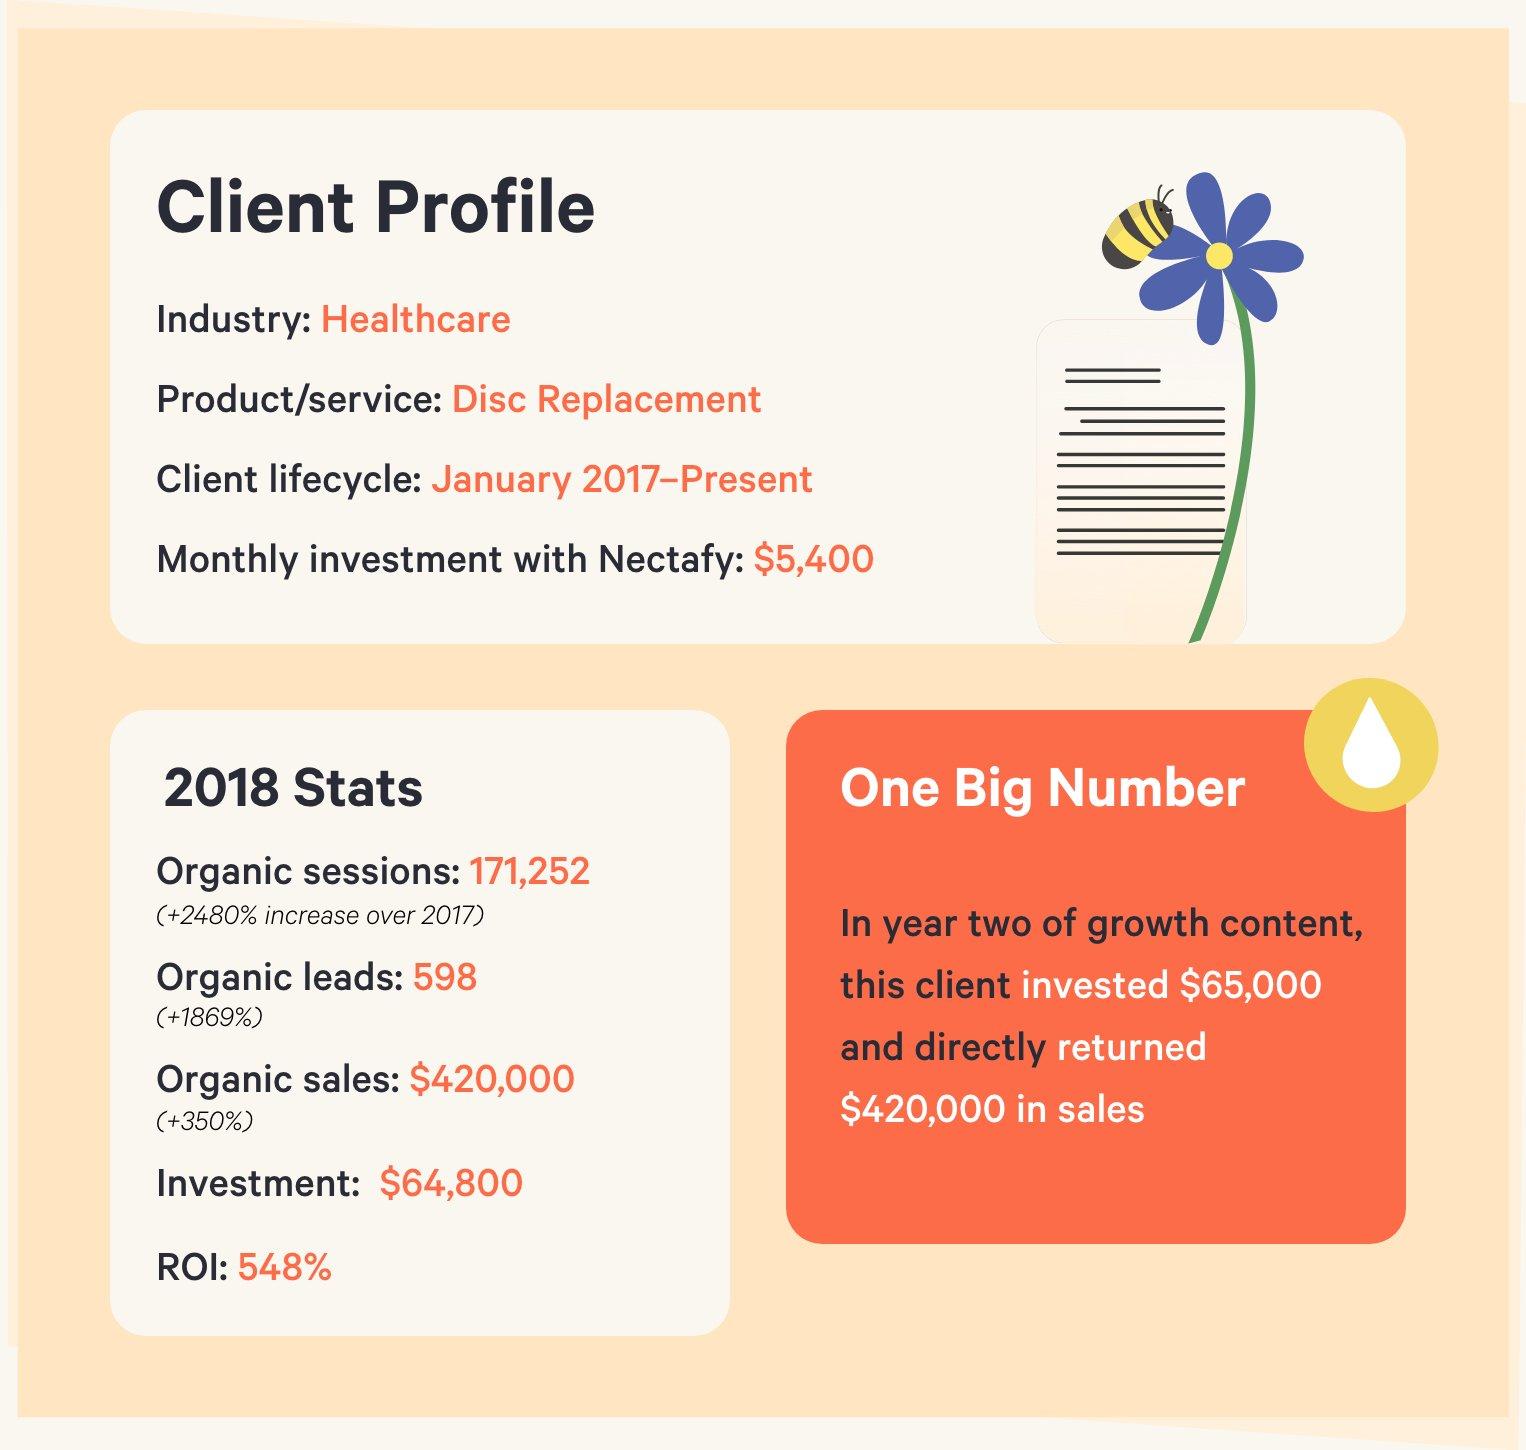 Client profile - Healthcare